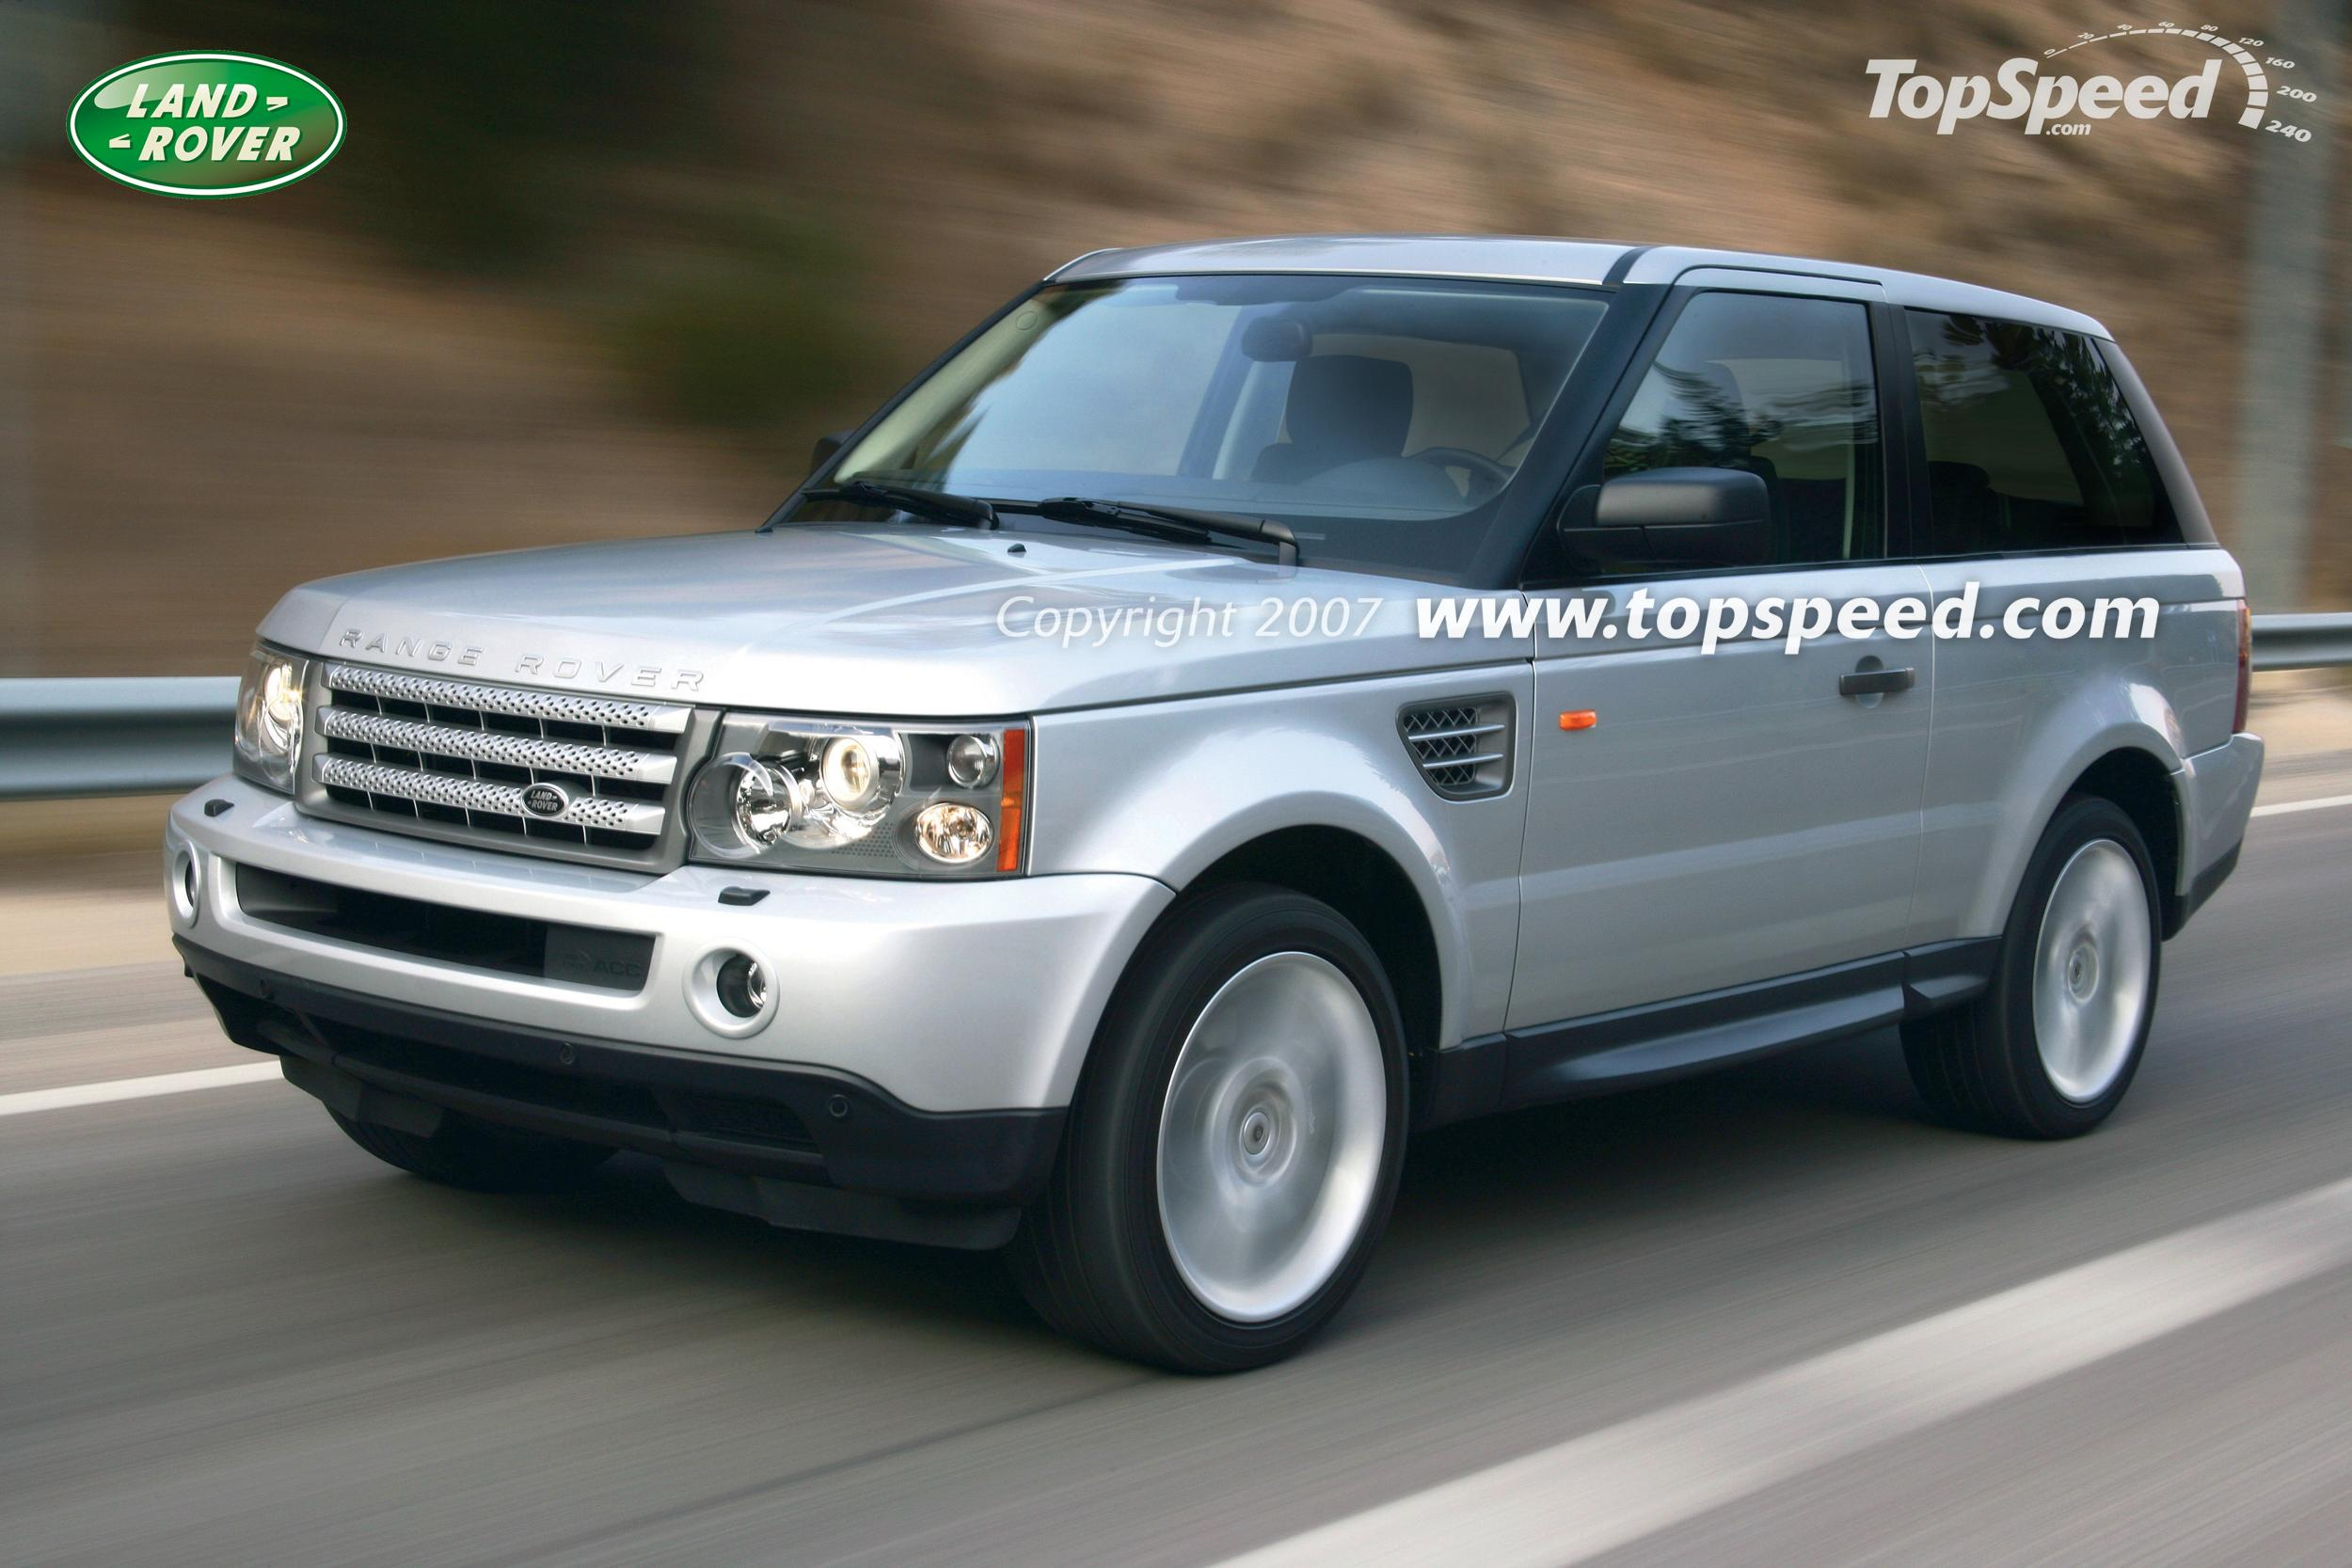 2009 Range Rover Sport 2 doors Review Gallery Top Speed